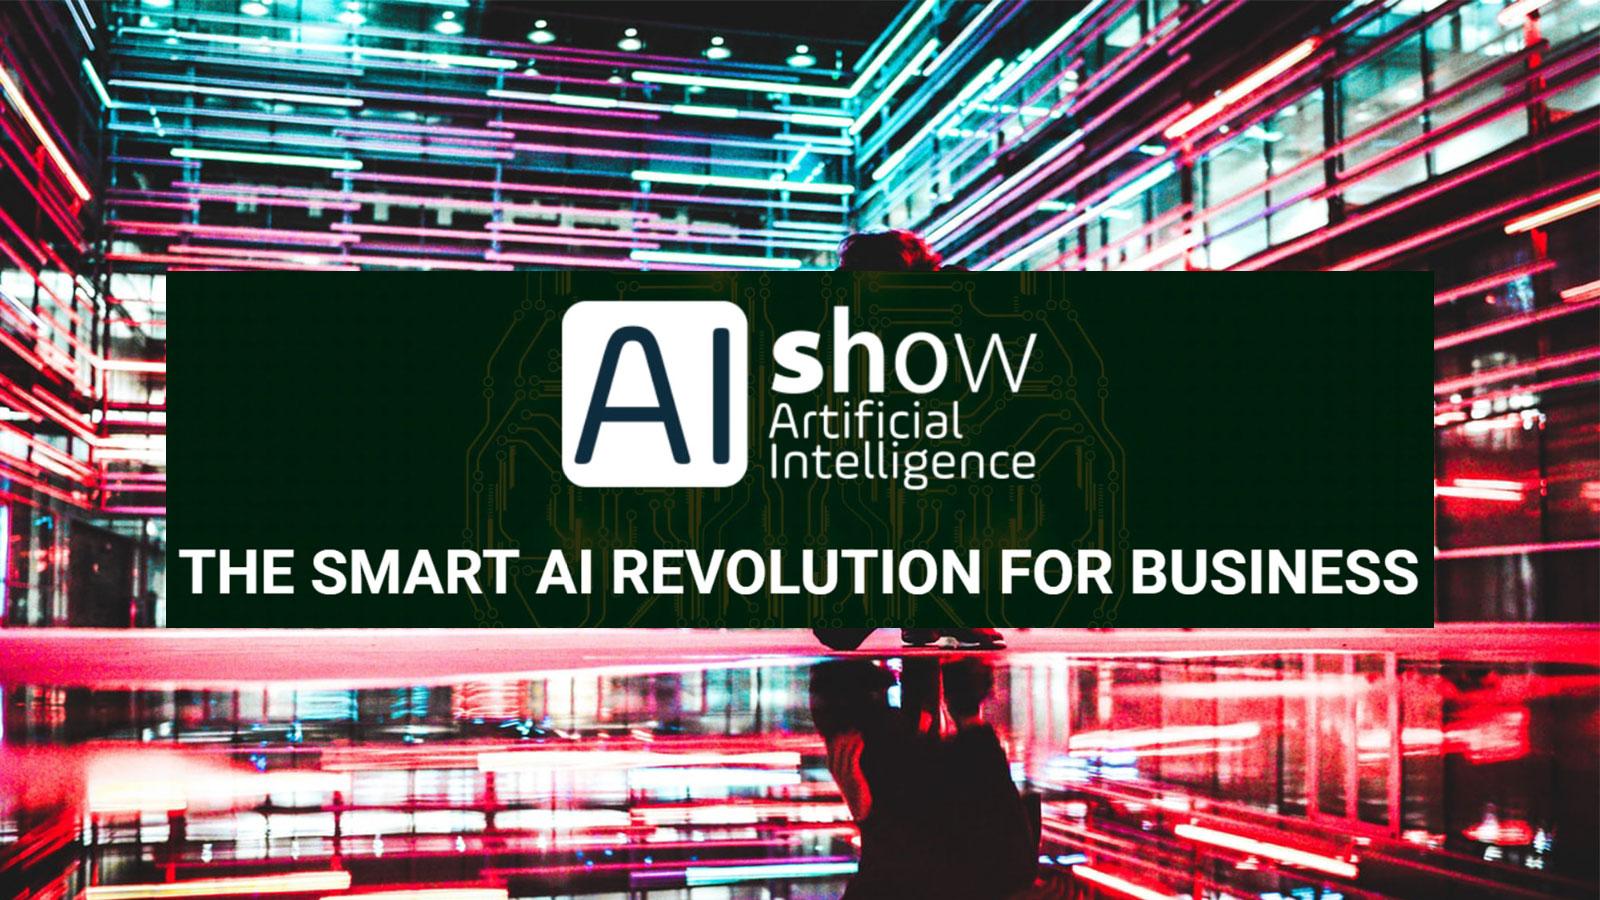 Inteligencia Artificial con banner evento AIshow